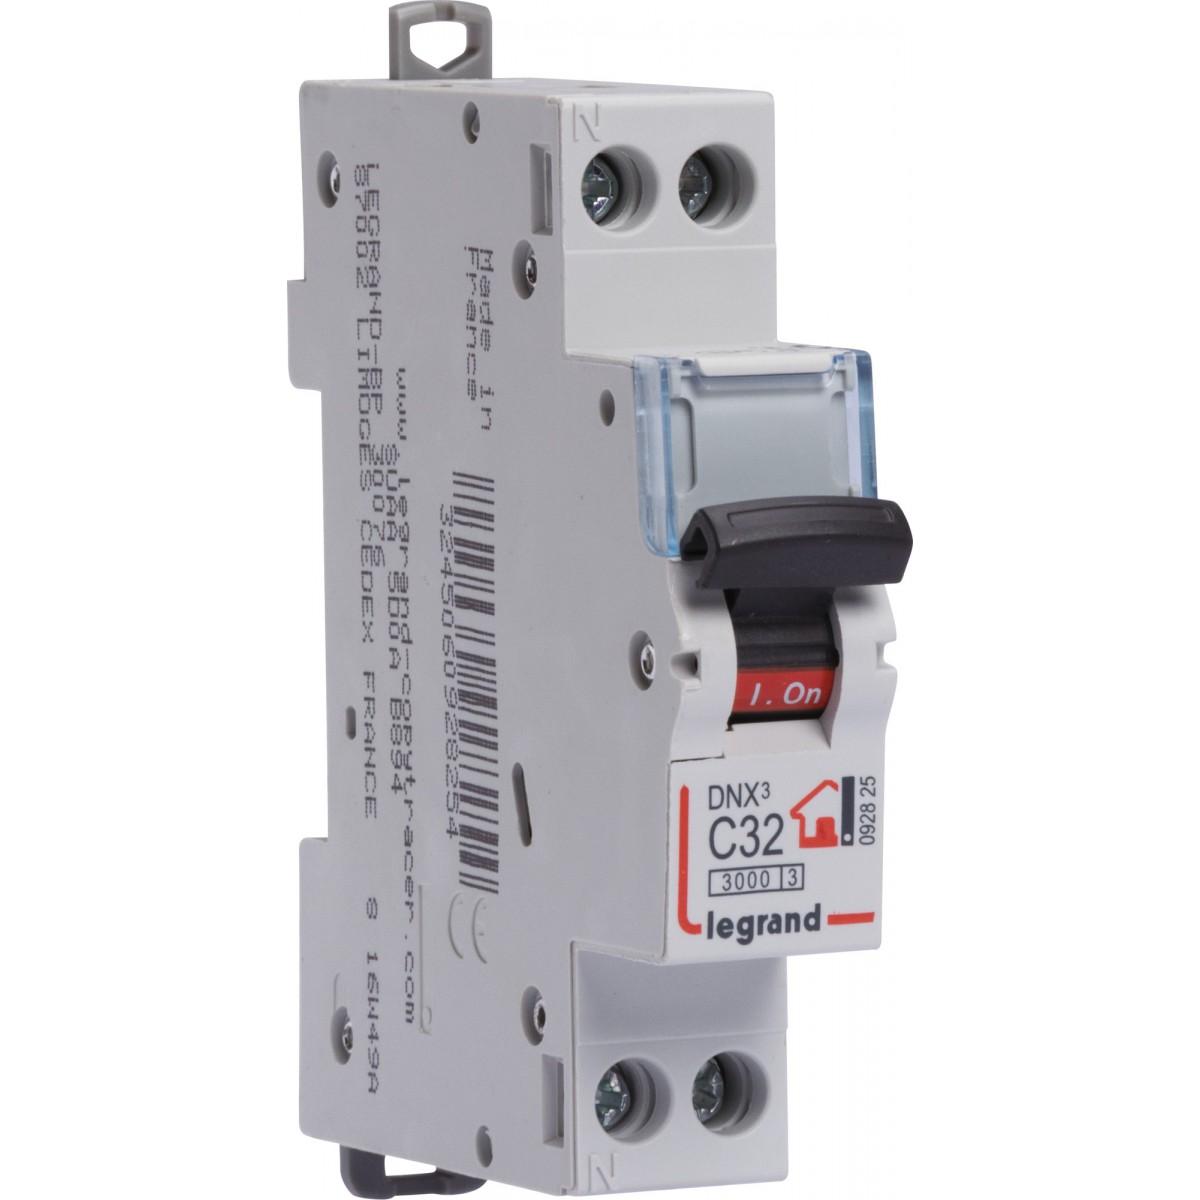 Disjoncteur DNX type C Legrand - Unipolaire + neutre - Intensité 32 A